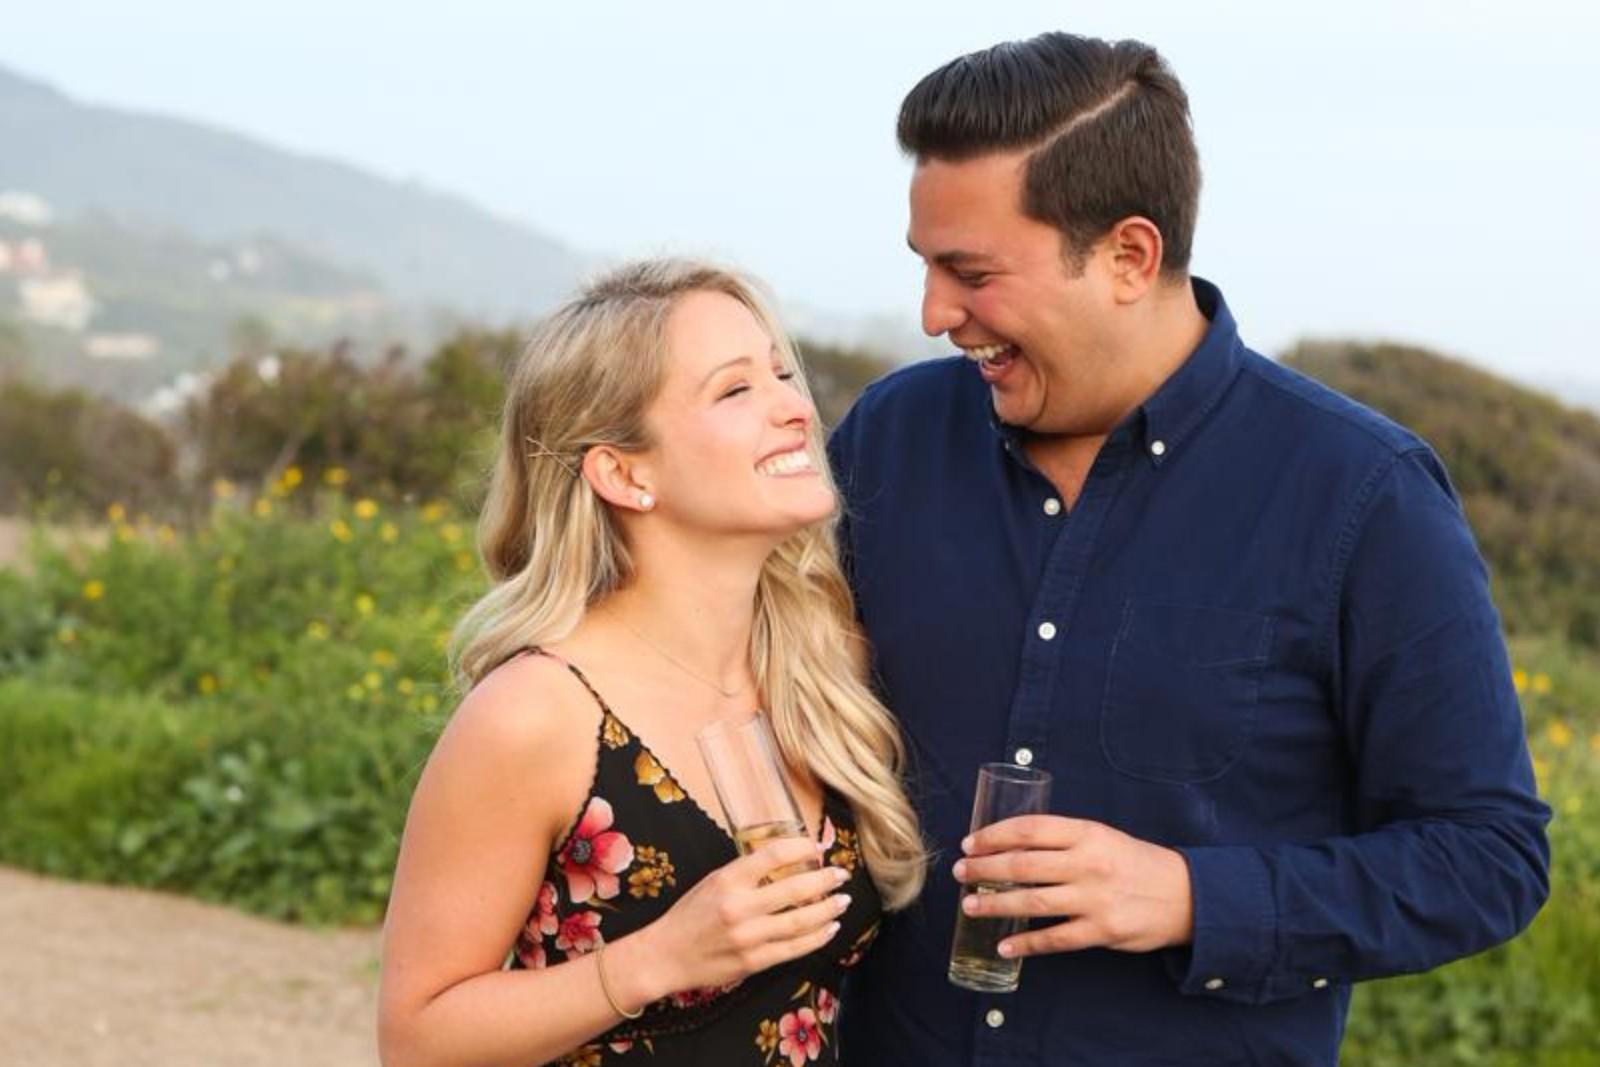 Sarah Friedman and Daniel Furlong